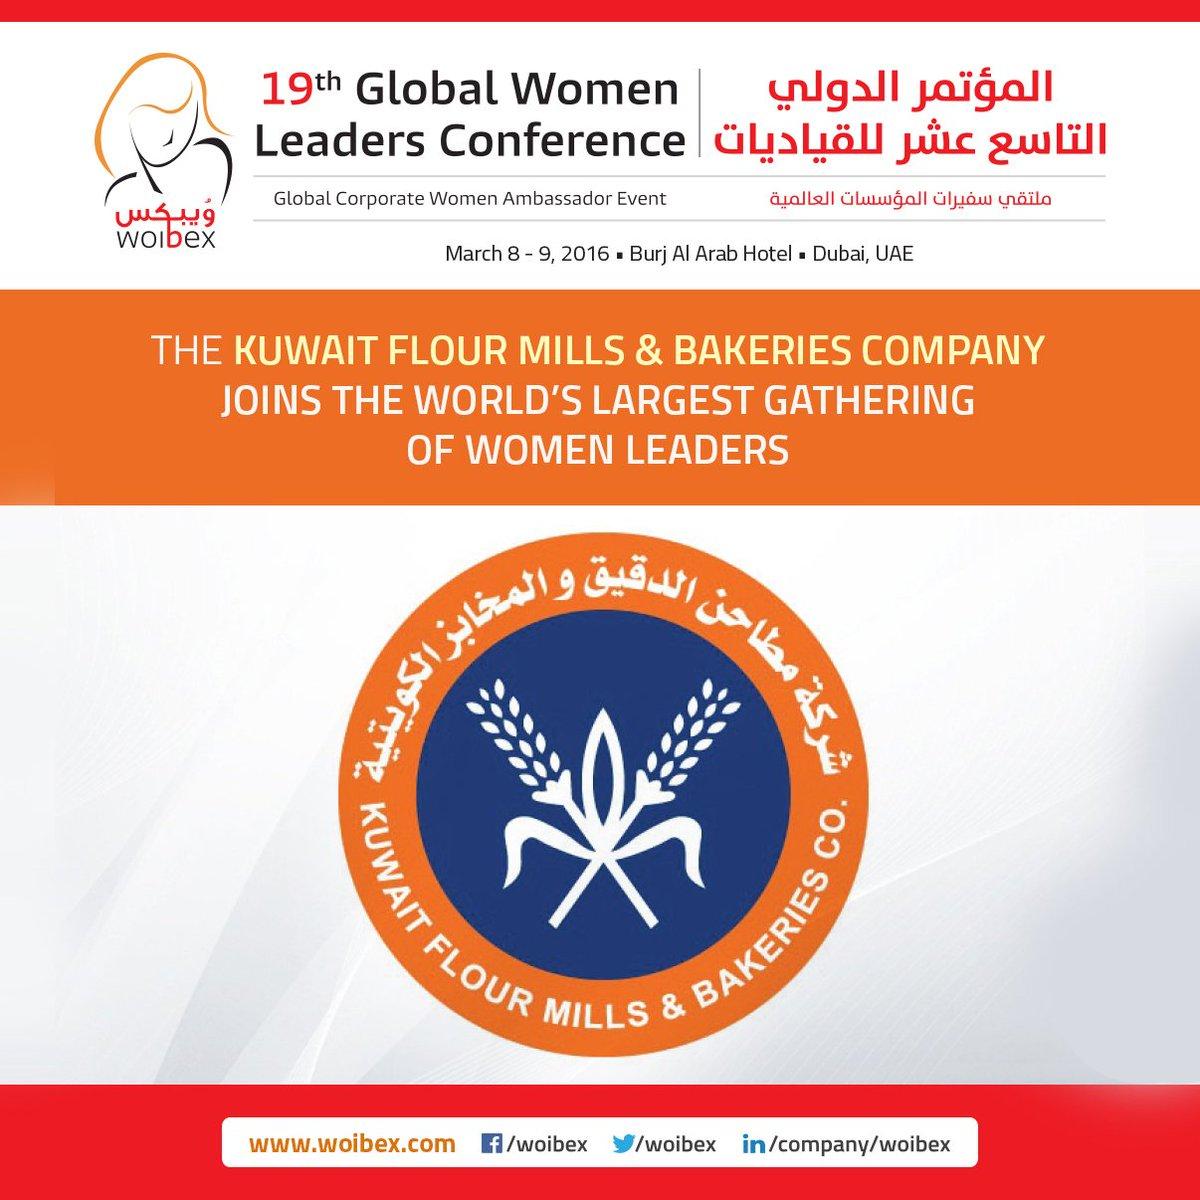 Global Women Leaders on Twitter: